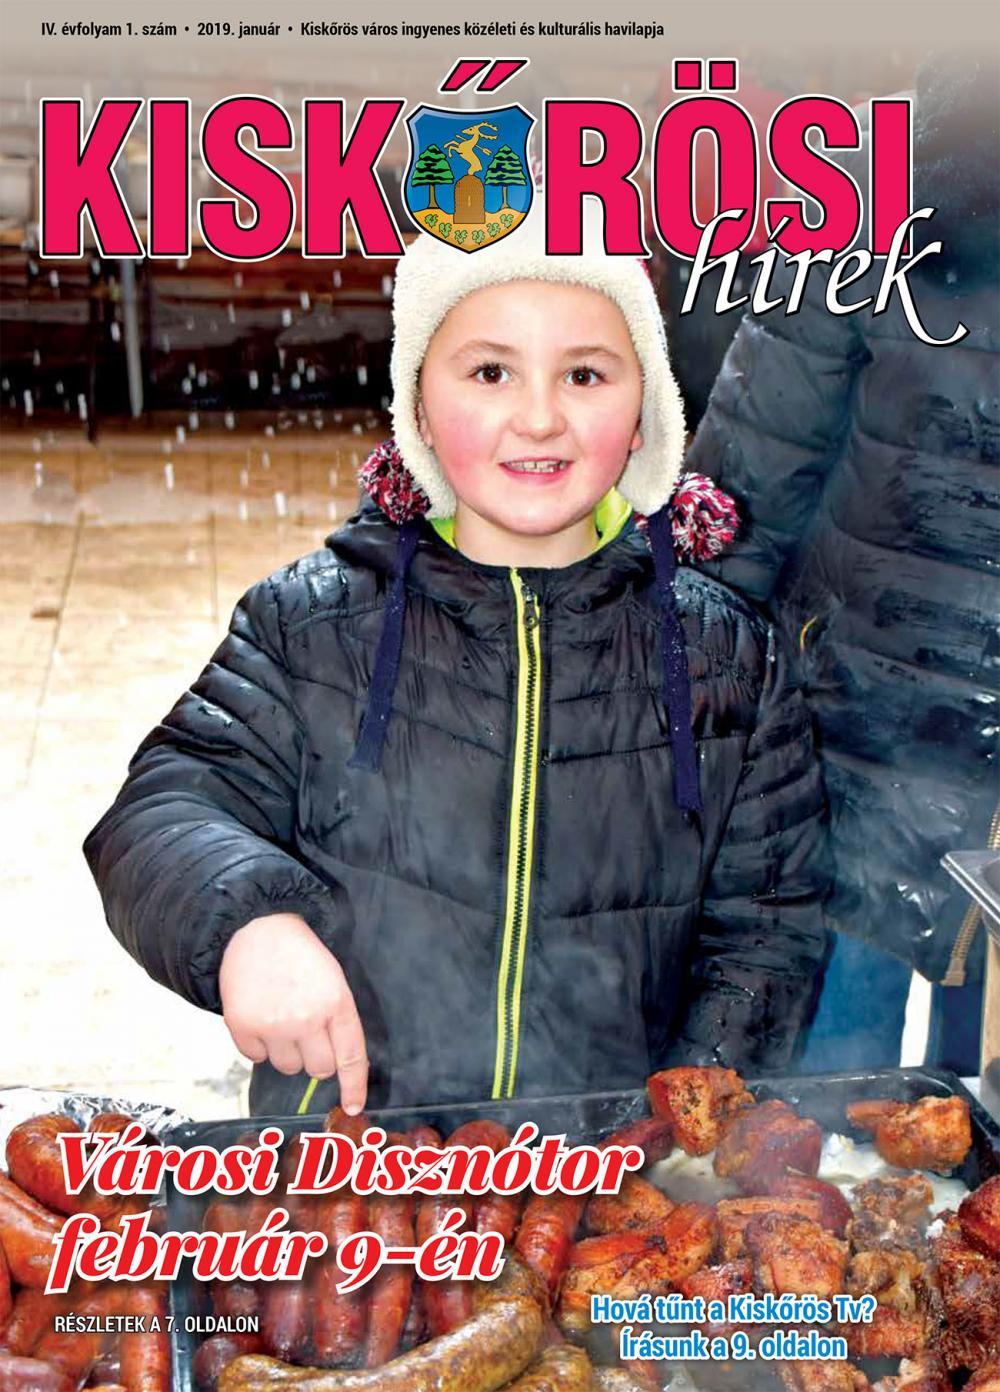 Kiskőrösi Hírek - 2019. januári szám